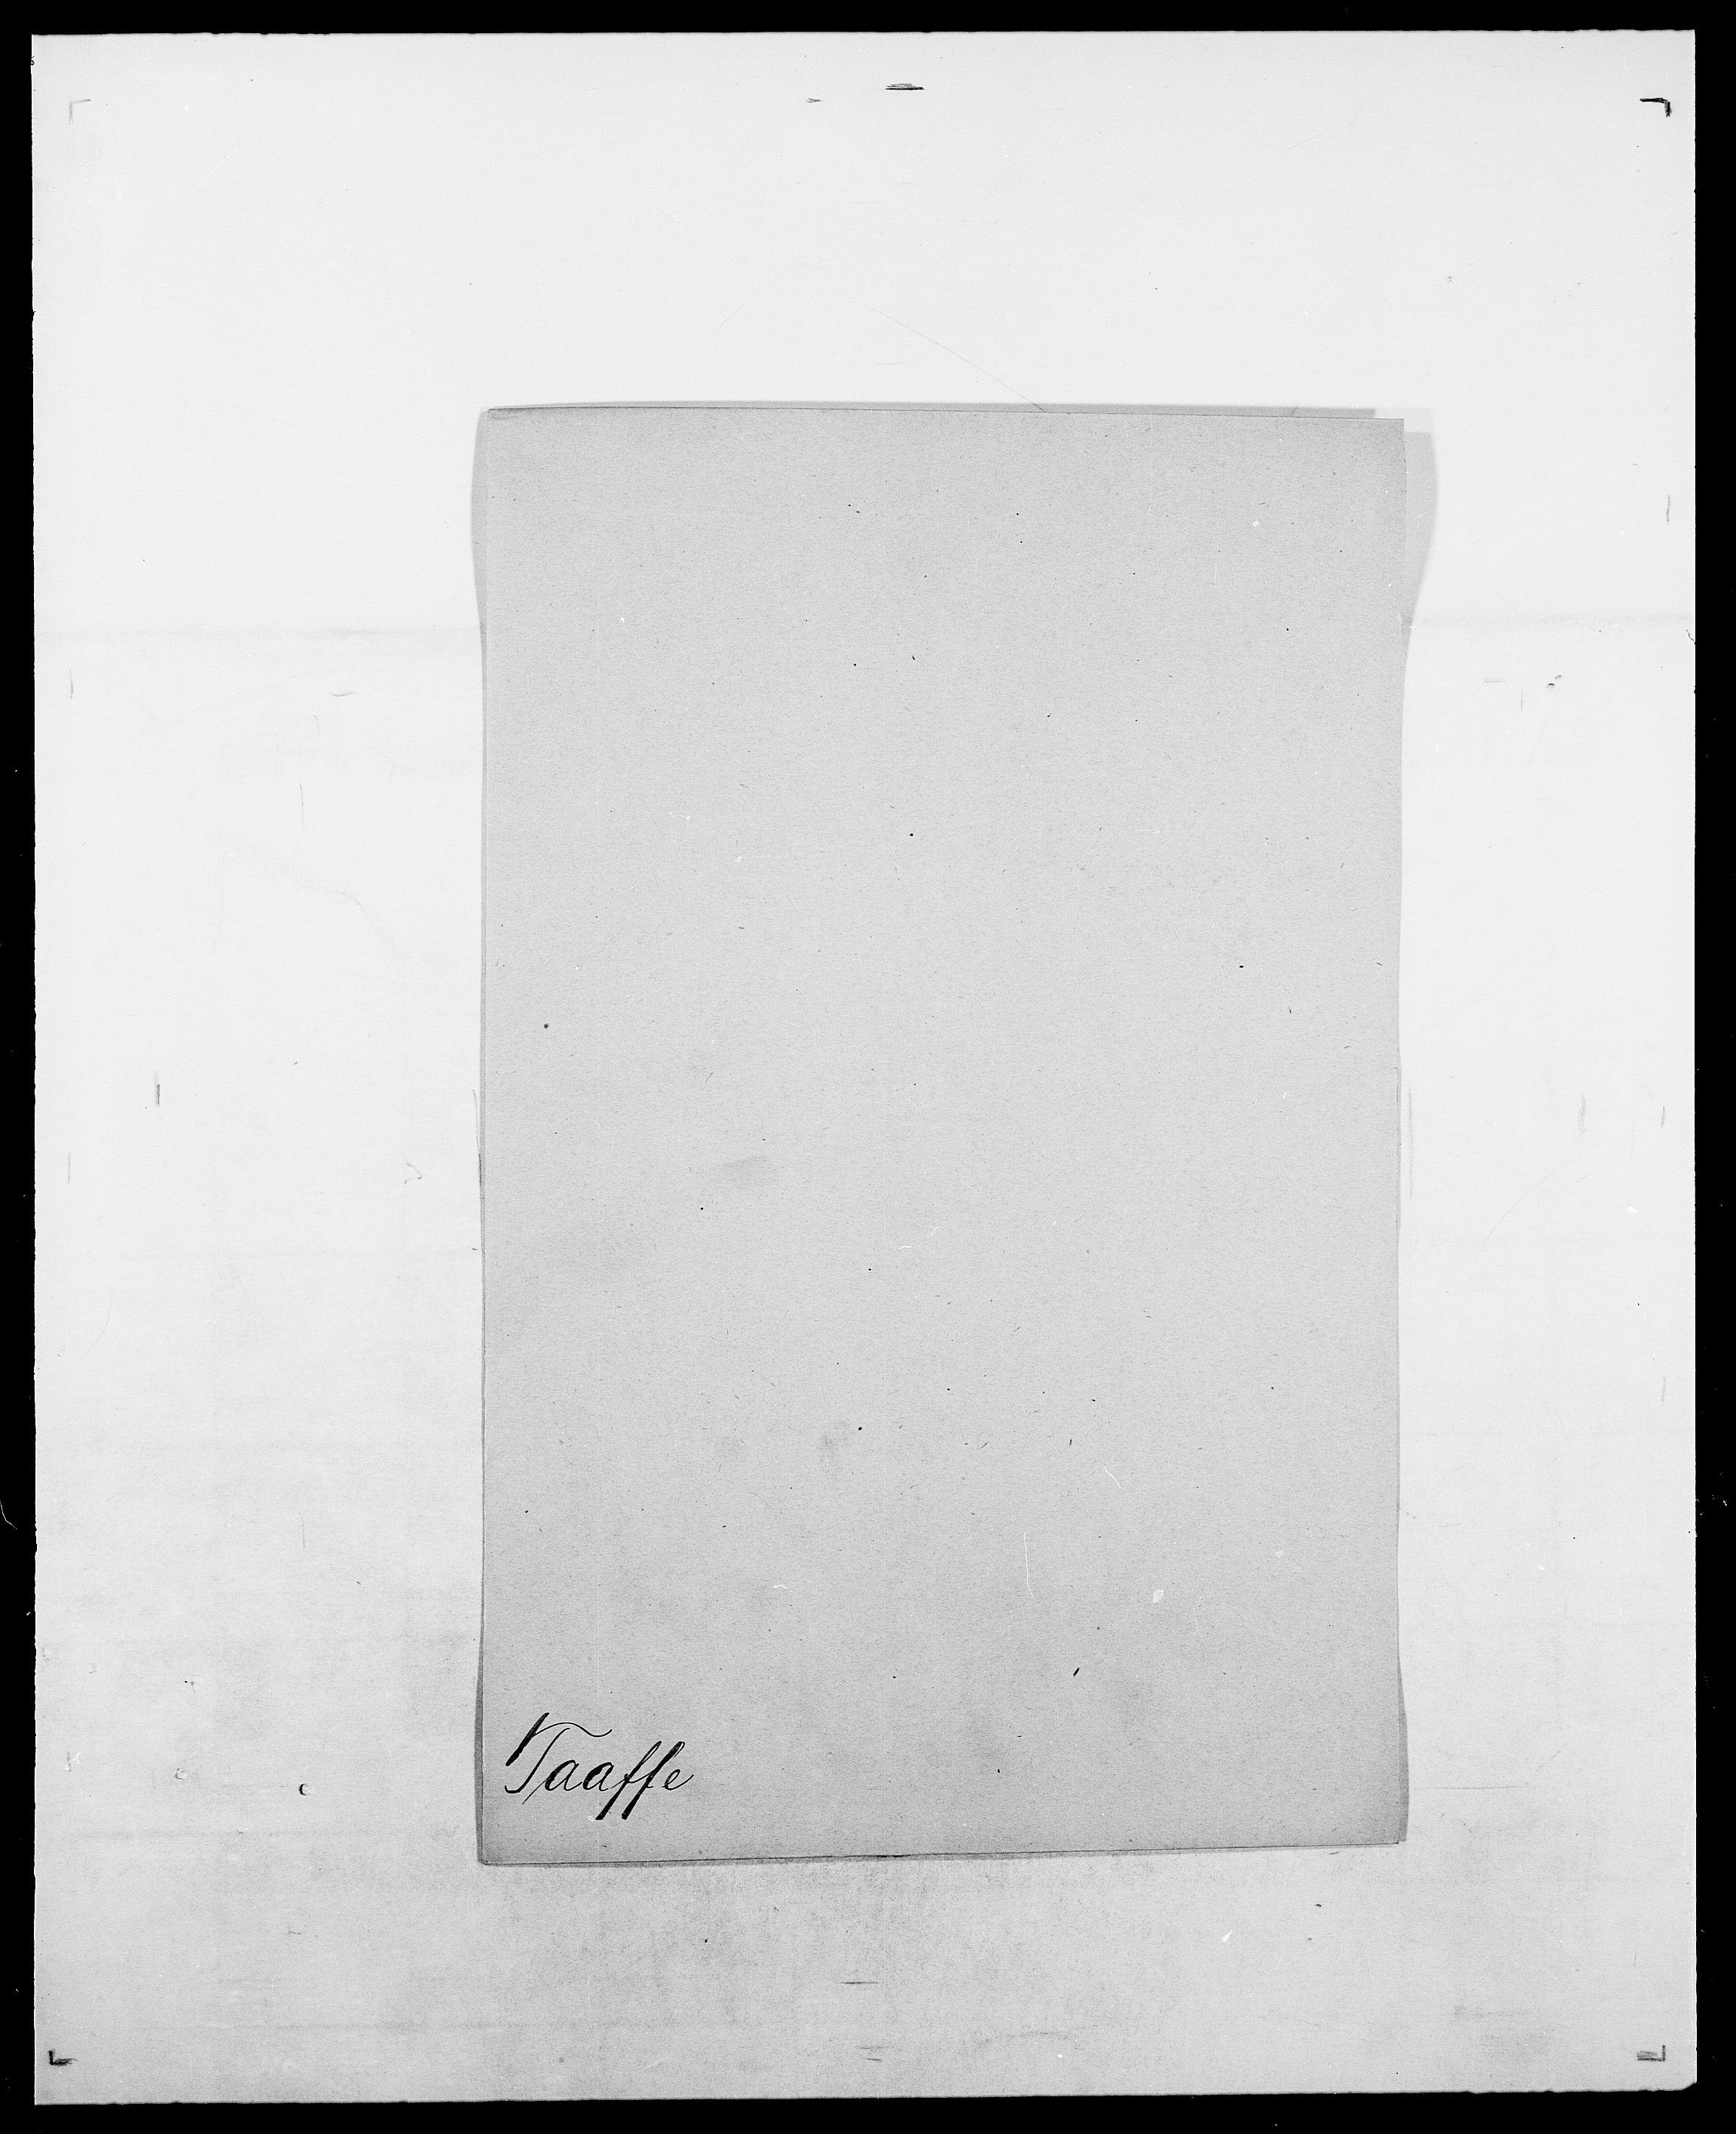 SAO, Delgobe, Charles Antoine - samling, D/Da/L0038: Svanenskjold - Thornsohn, s. 257